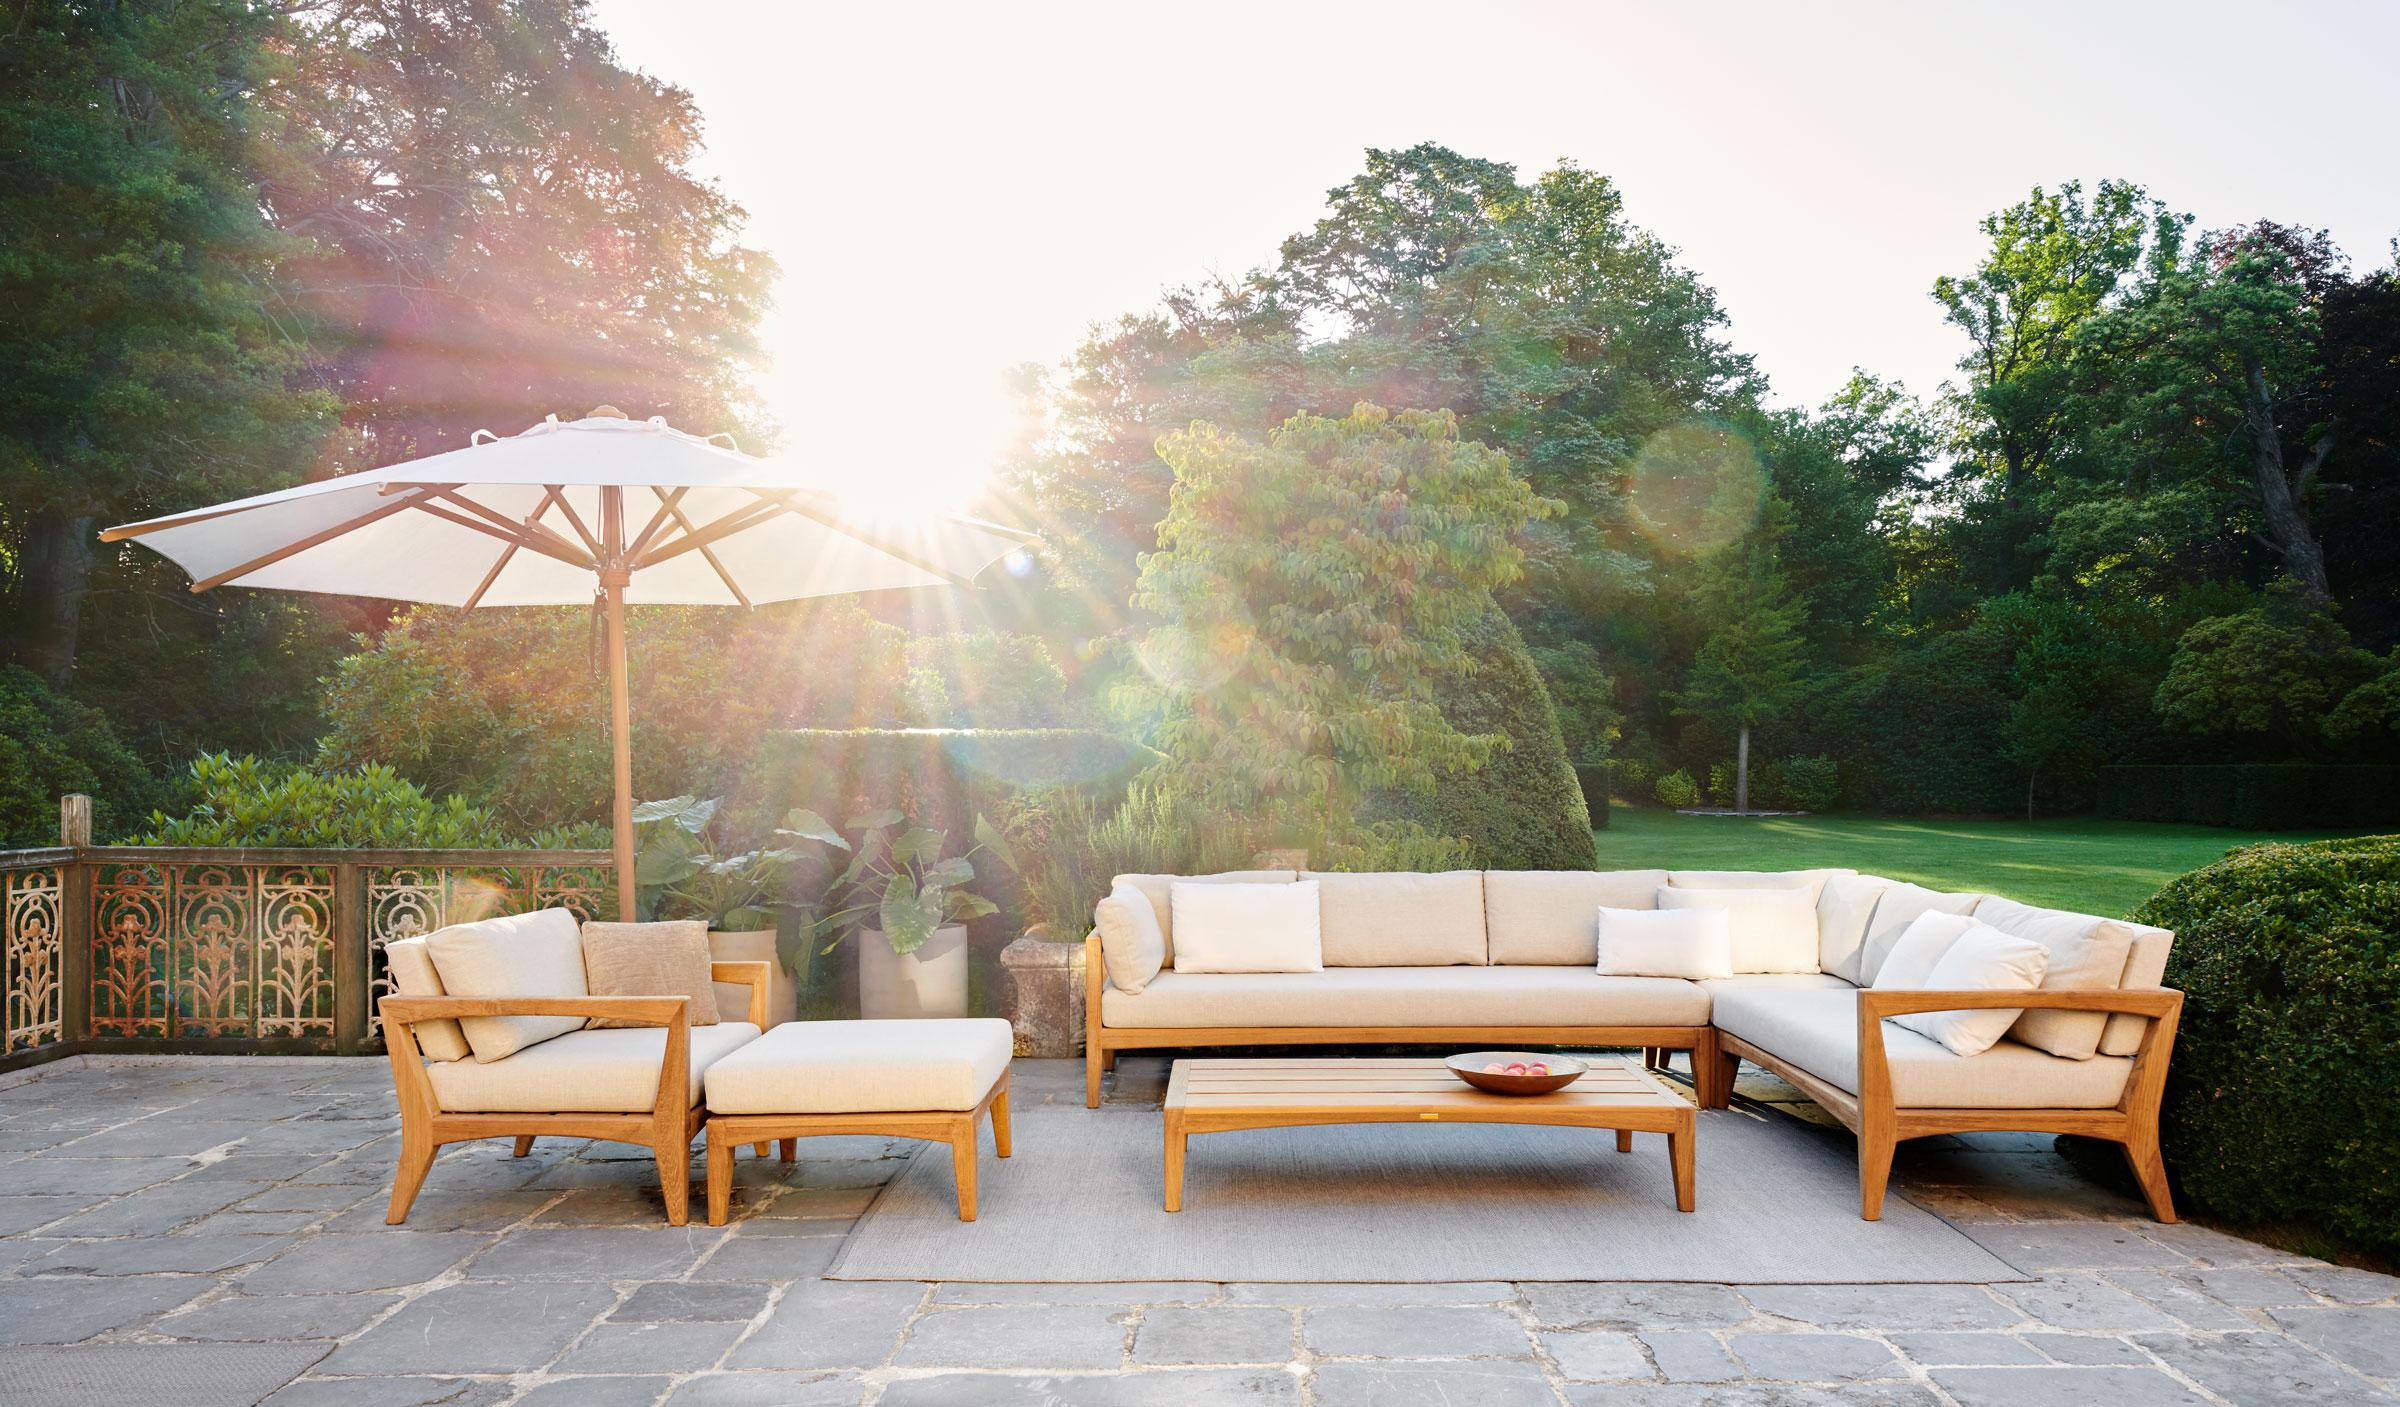 hauser-design-royal-botania-lounge-zenhit-mit-weissen-kissen